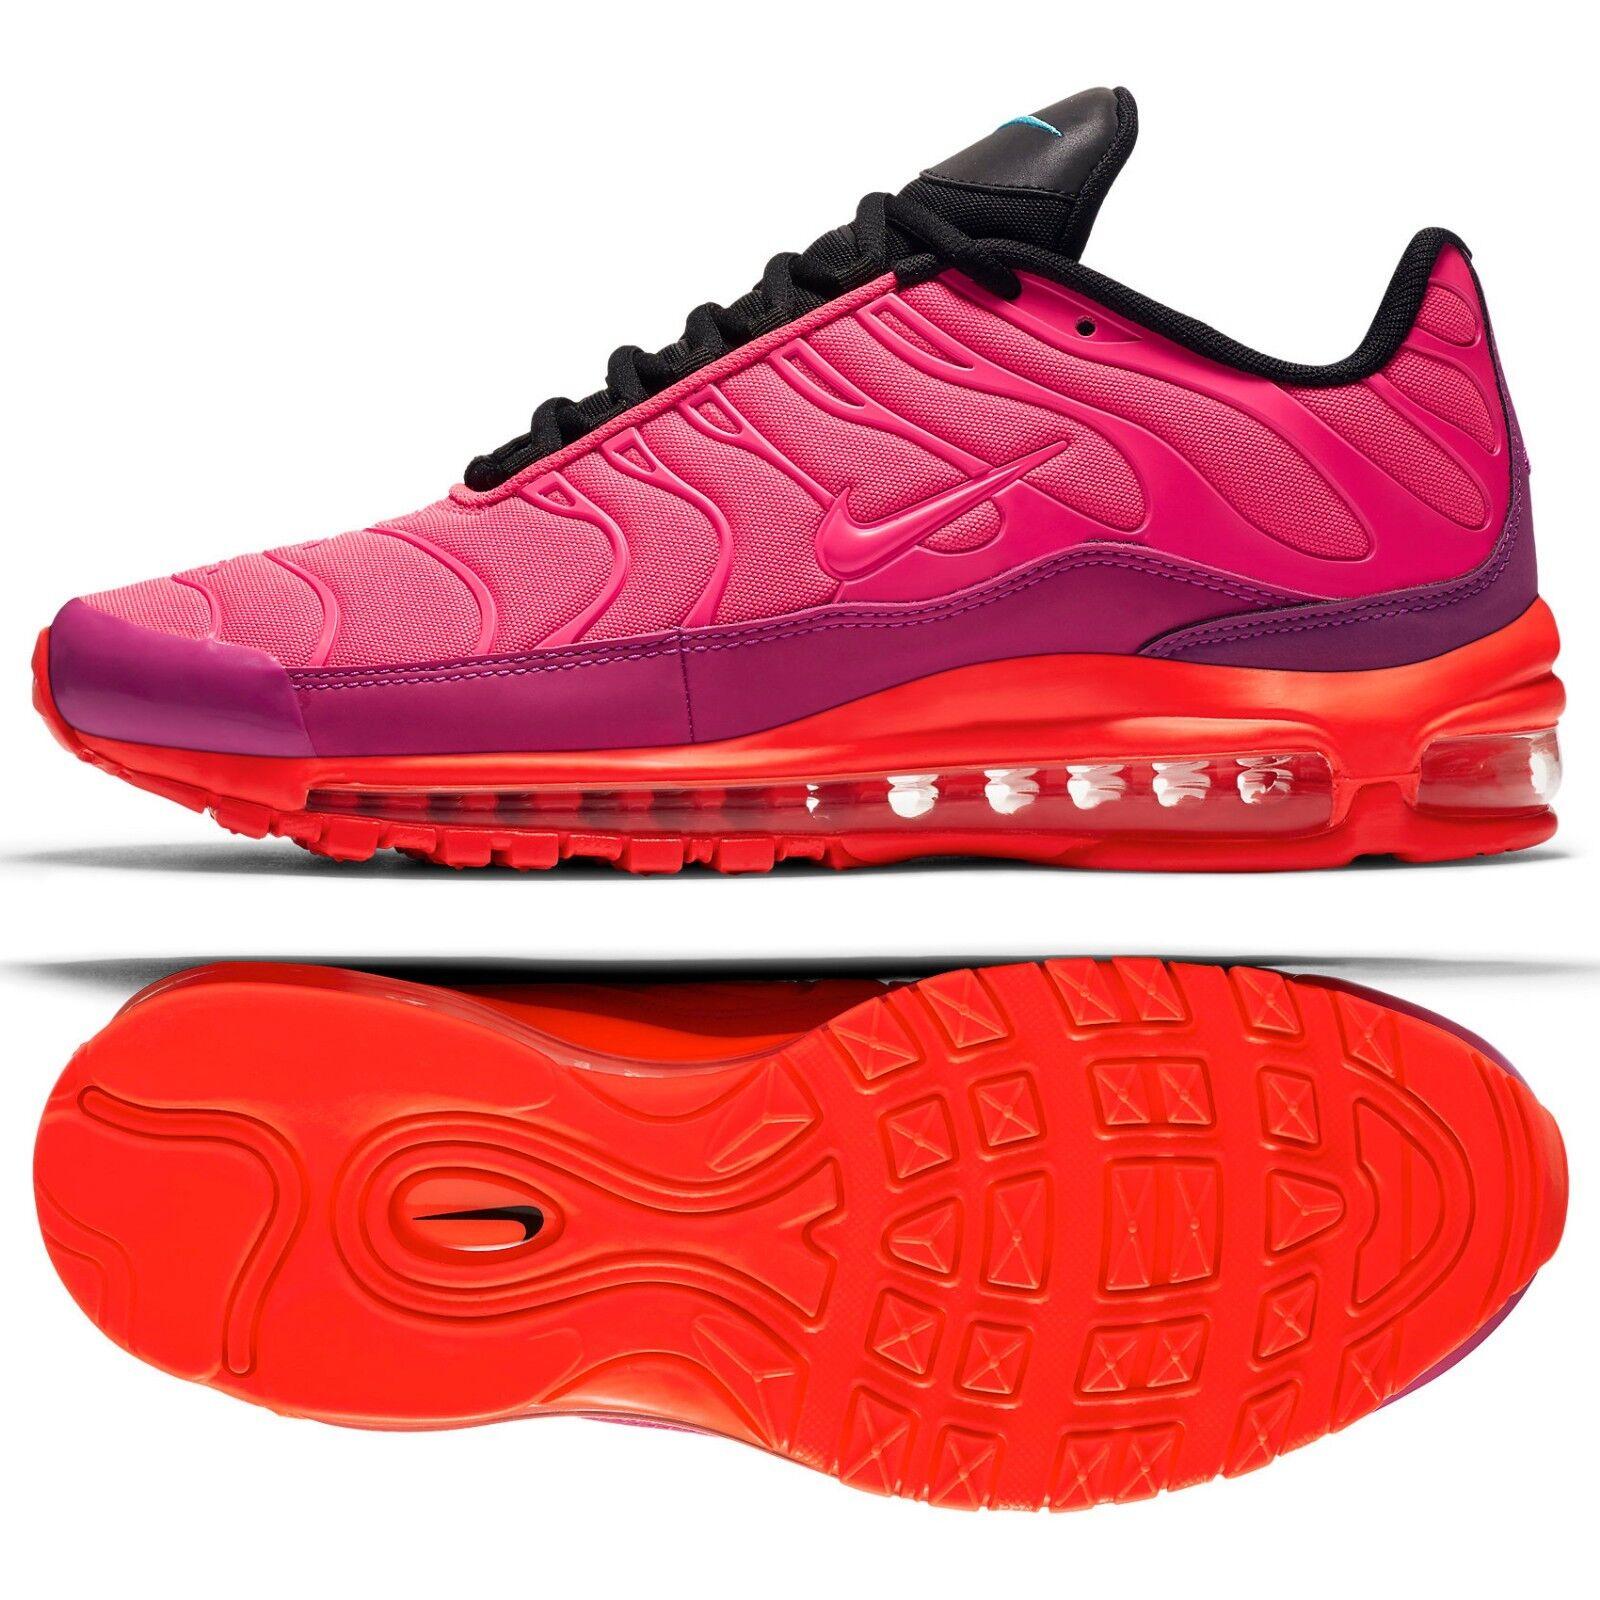 Nike Air Max 97 Plus AH8144-600 Pink Crimson Black Magenta Men's shoes Sz 11